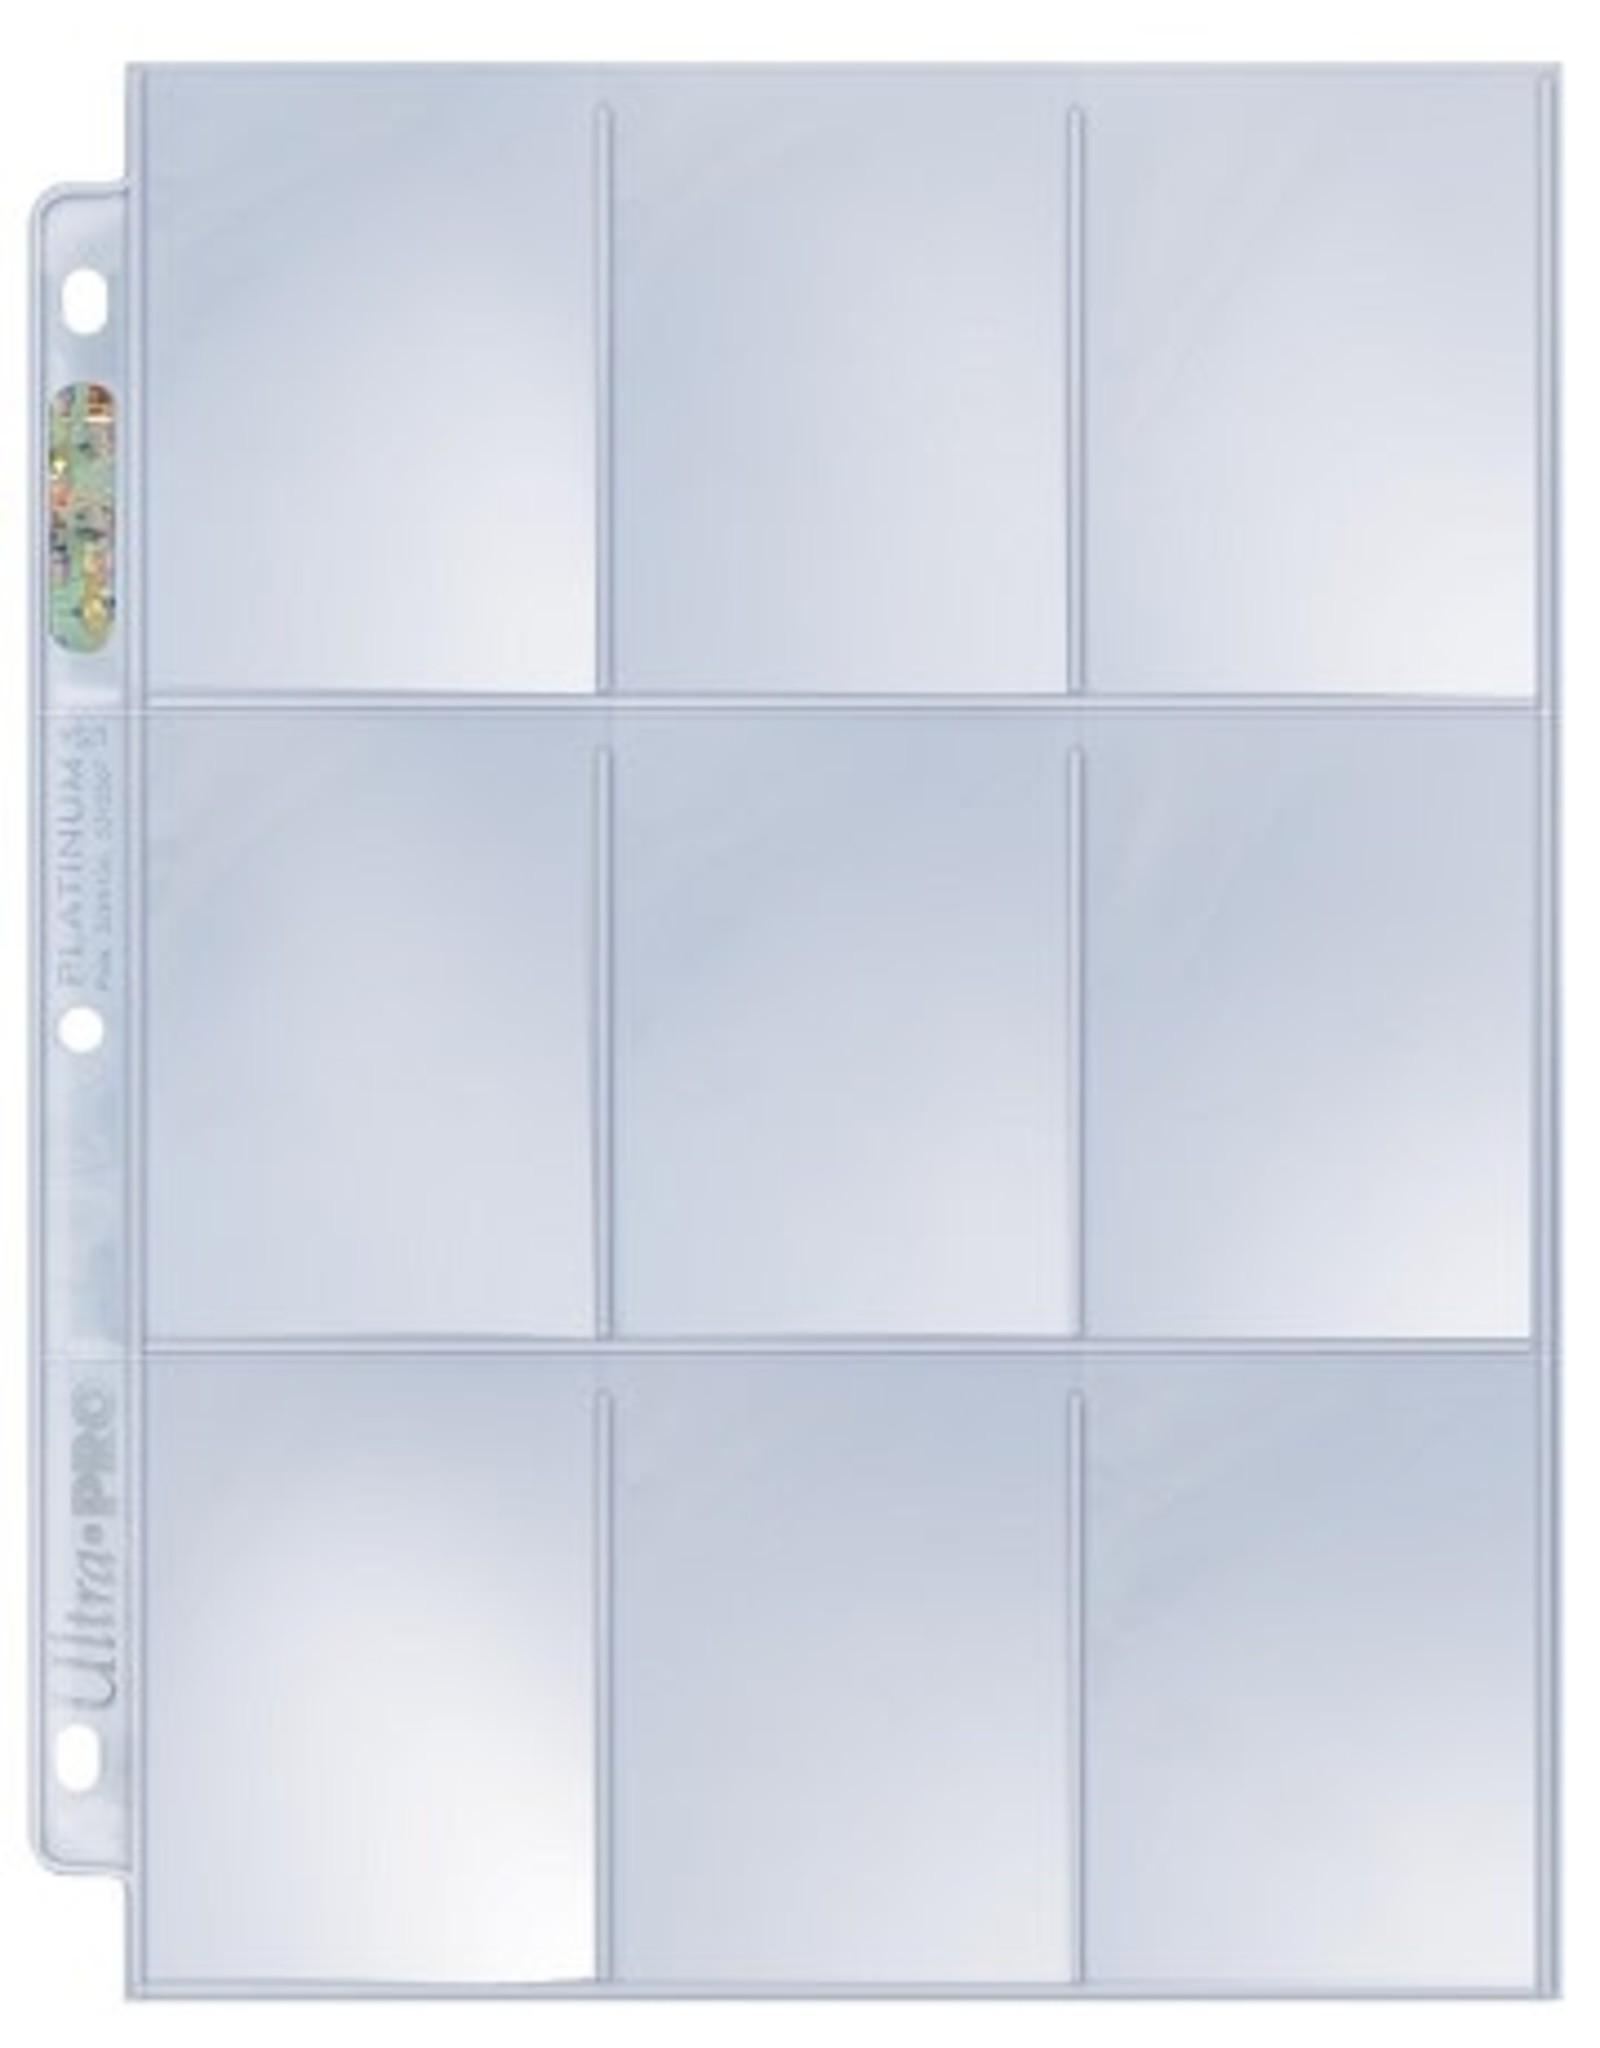 Ultra Pro UP Binder Pages Hologram 9 - Pockets (100)